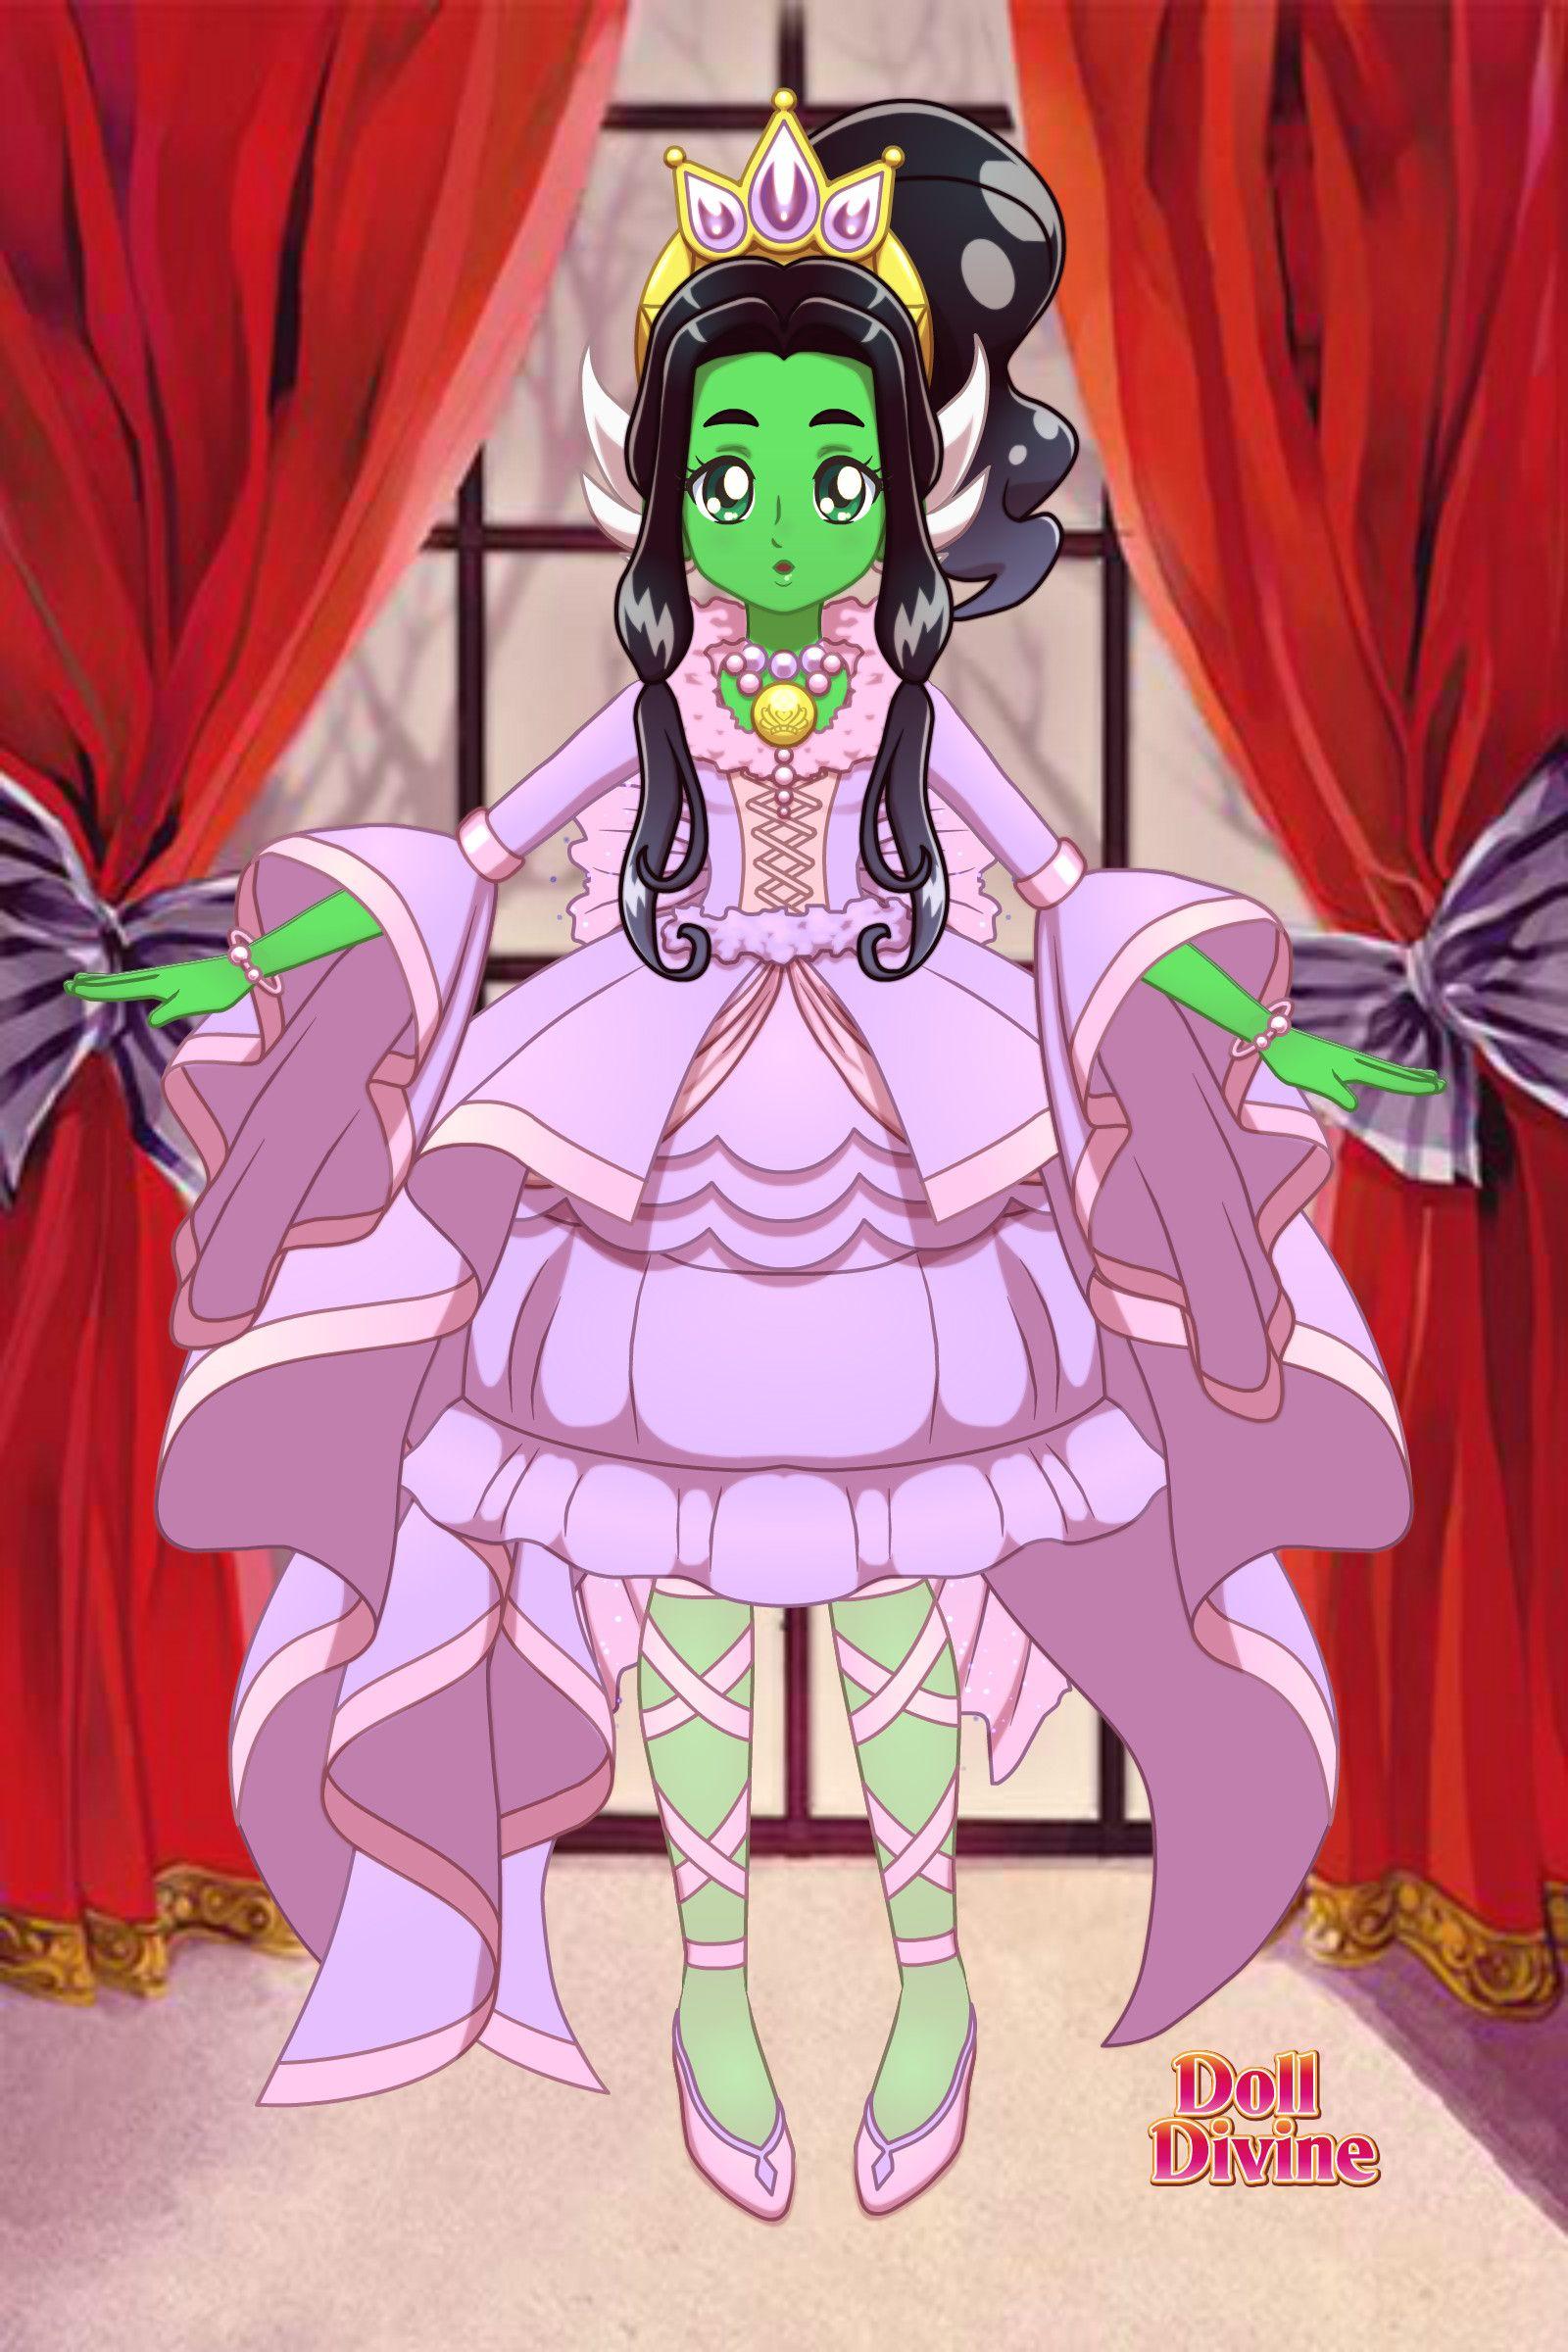 Cute alien princess